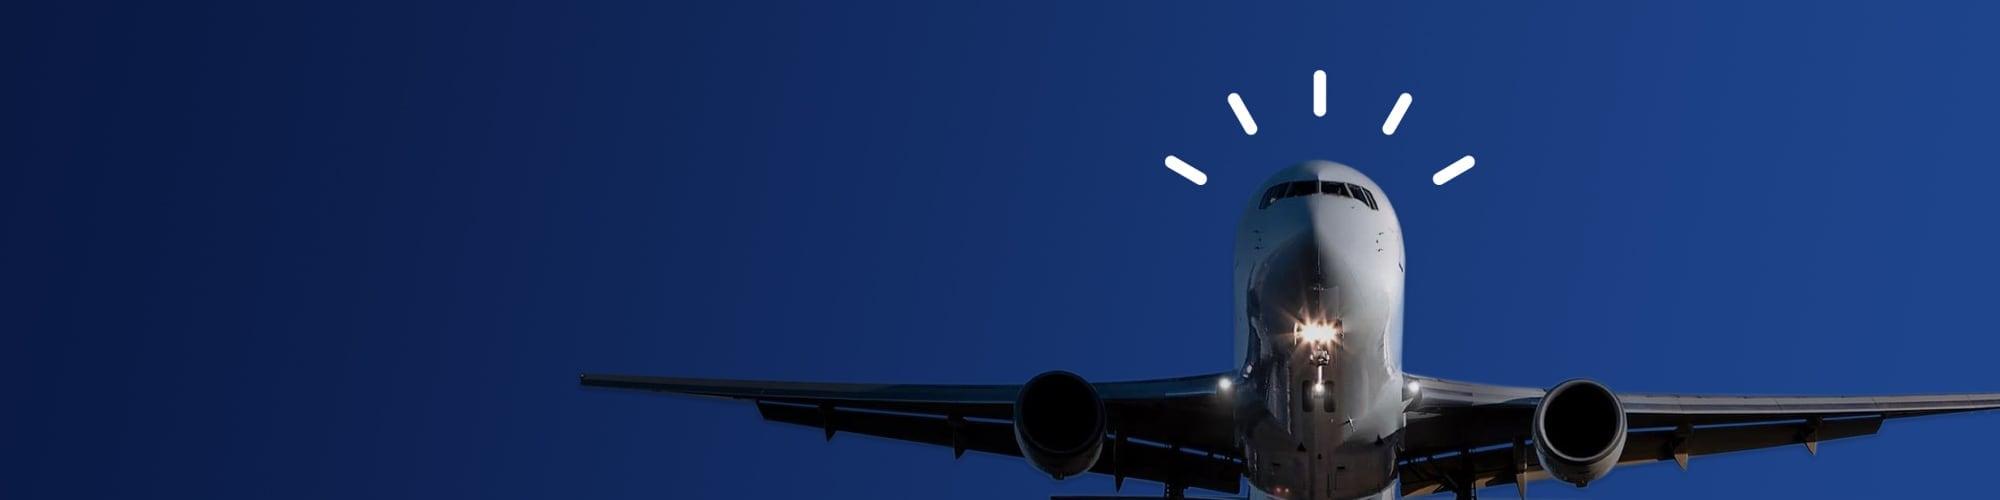 航空業界 - 日本 | IBM